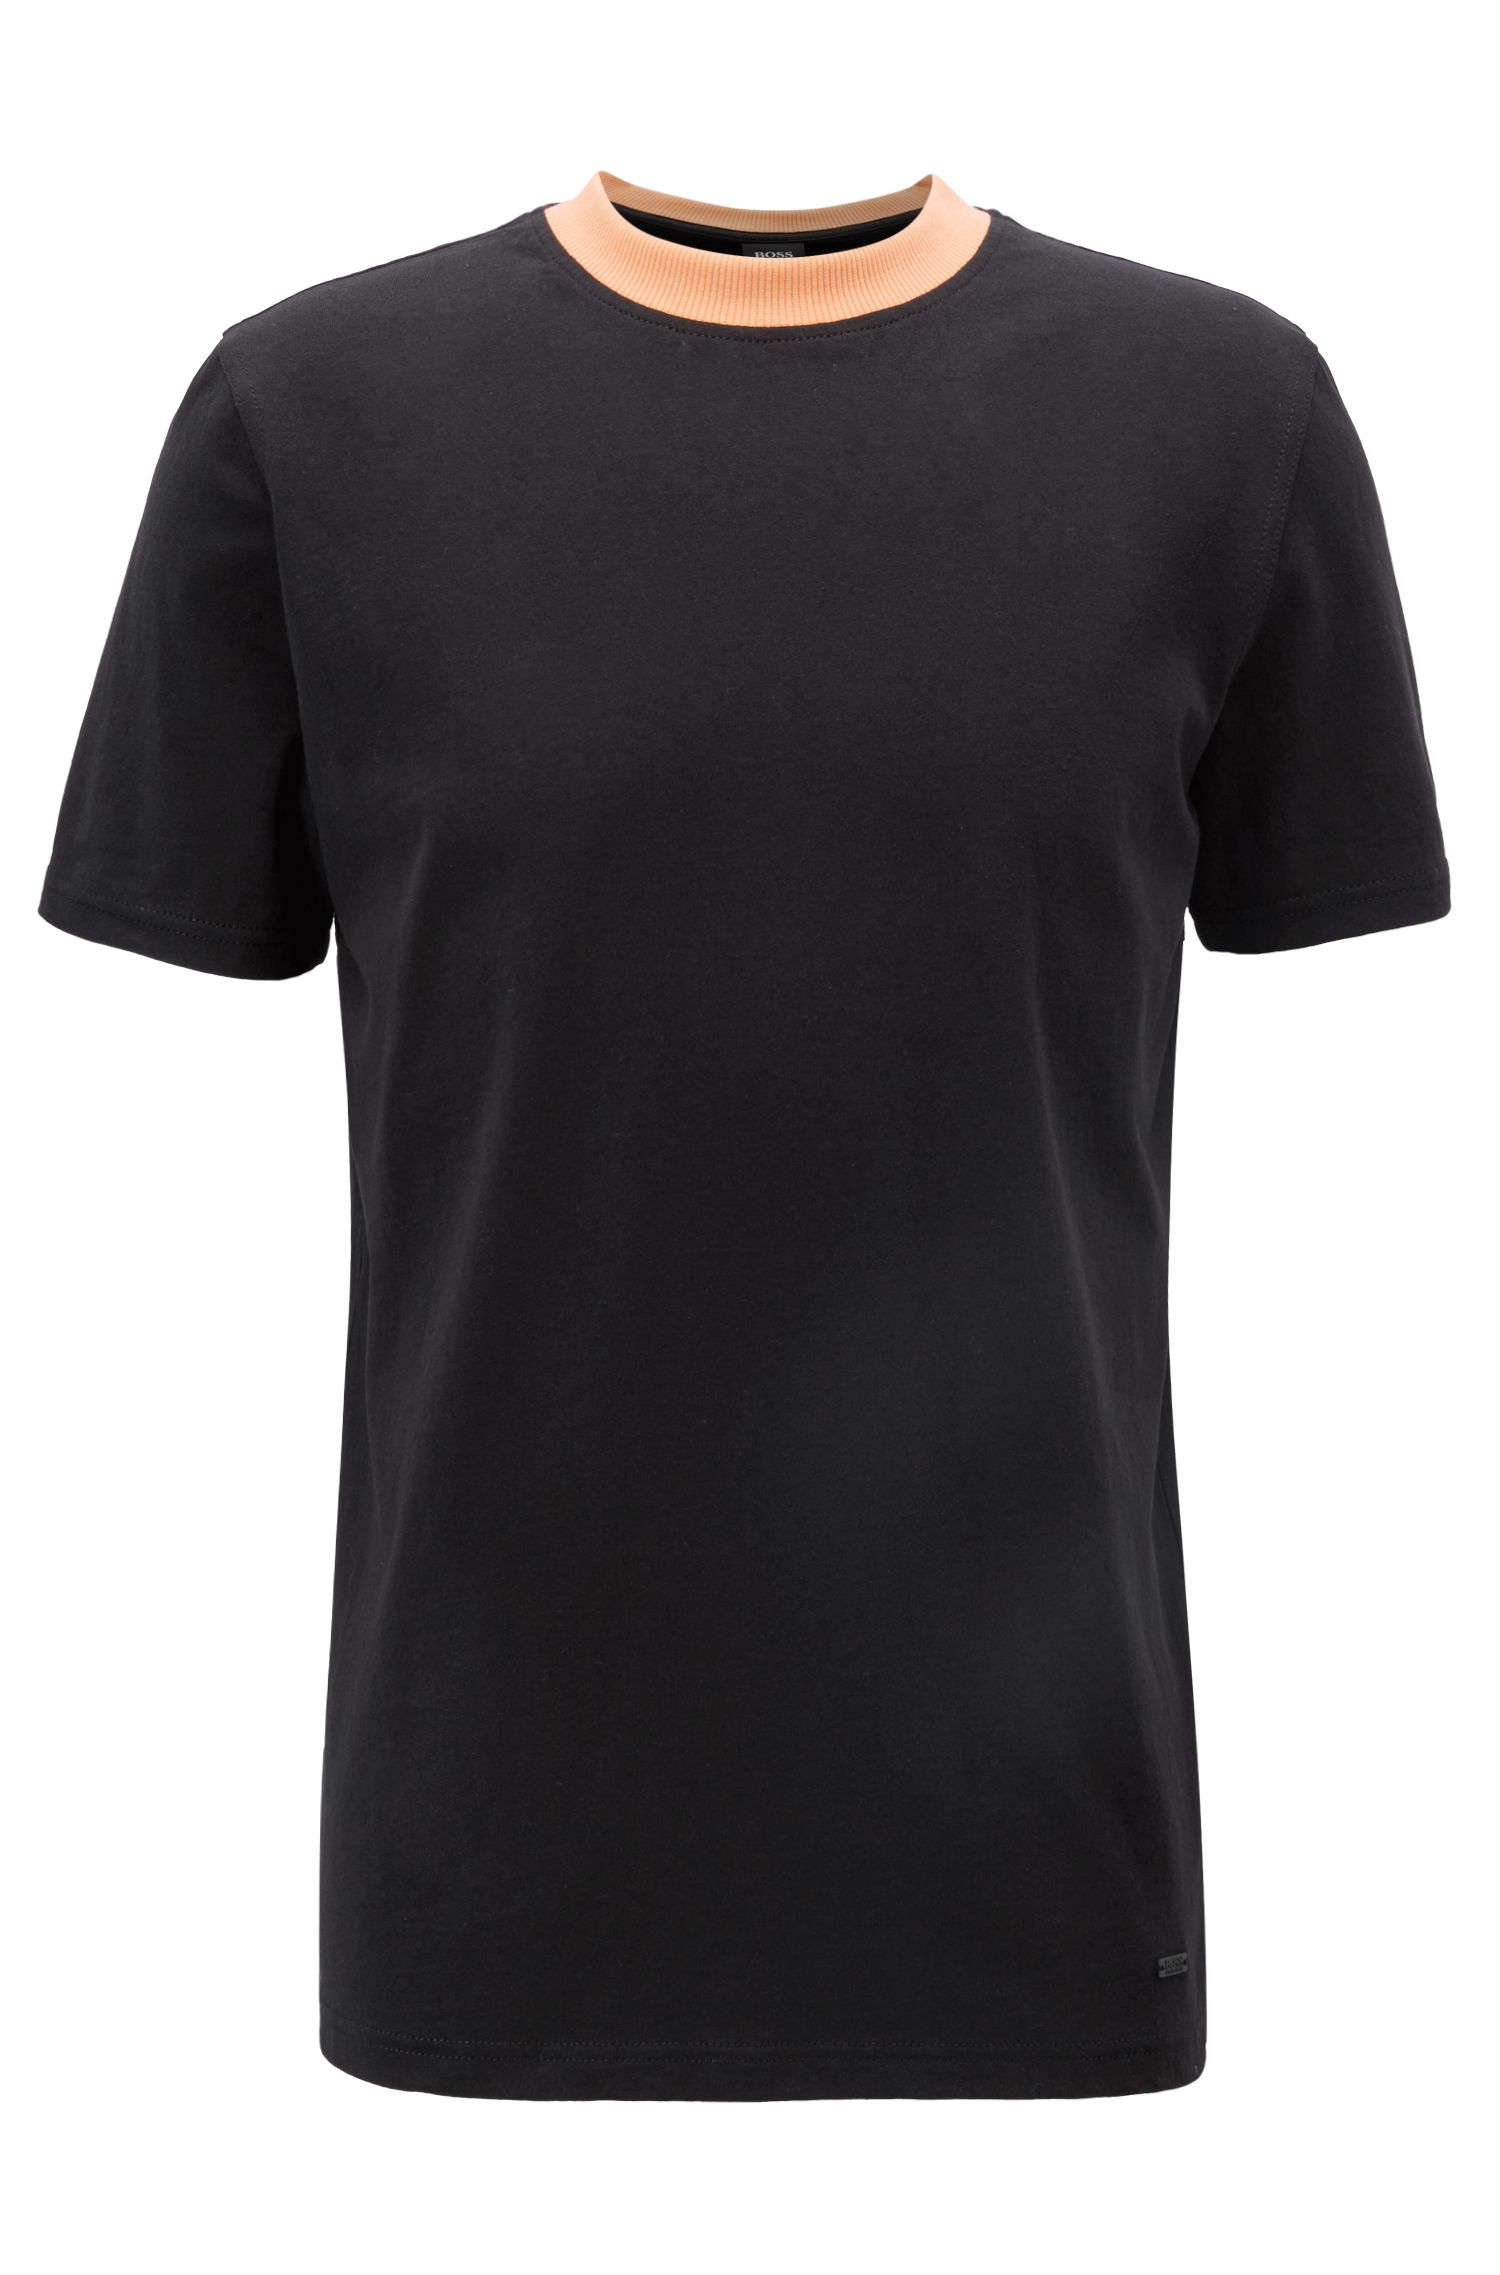 Relaxed-Fit T-Shirt mit Siebdruck auf der Rückseite, Schwarz